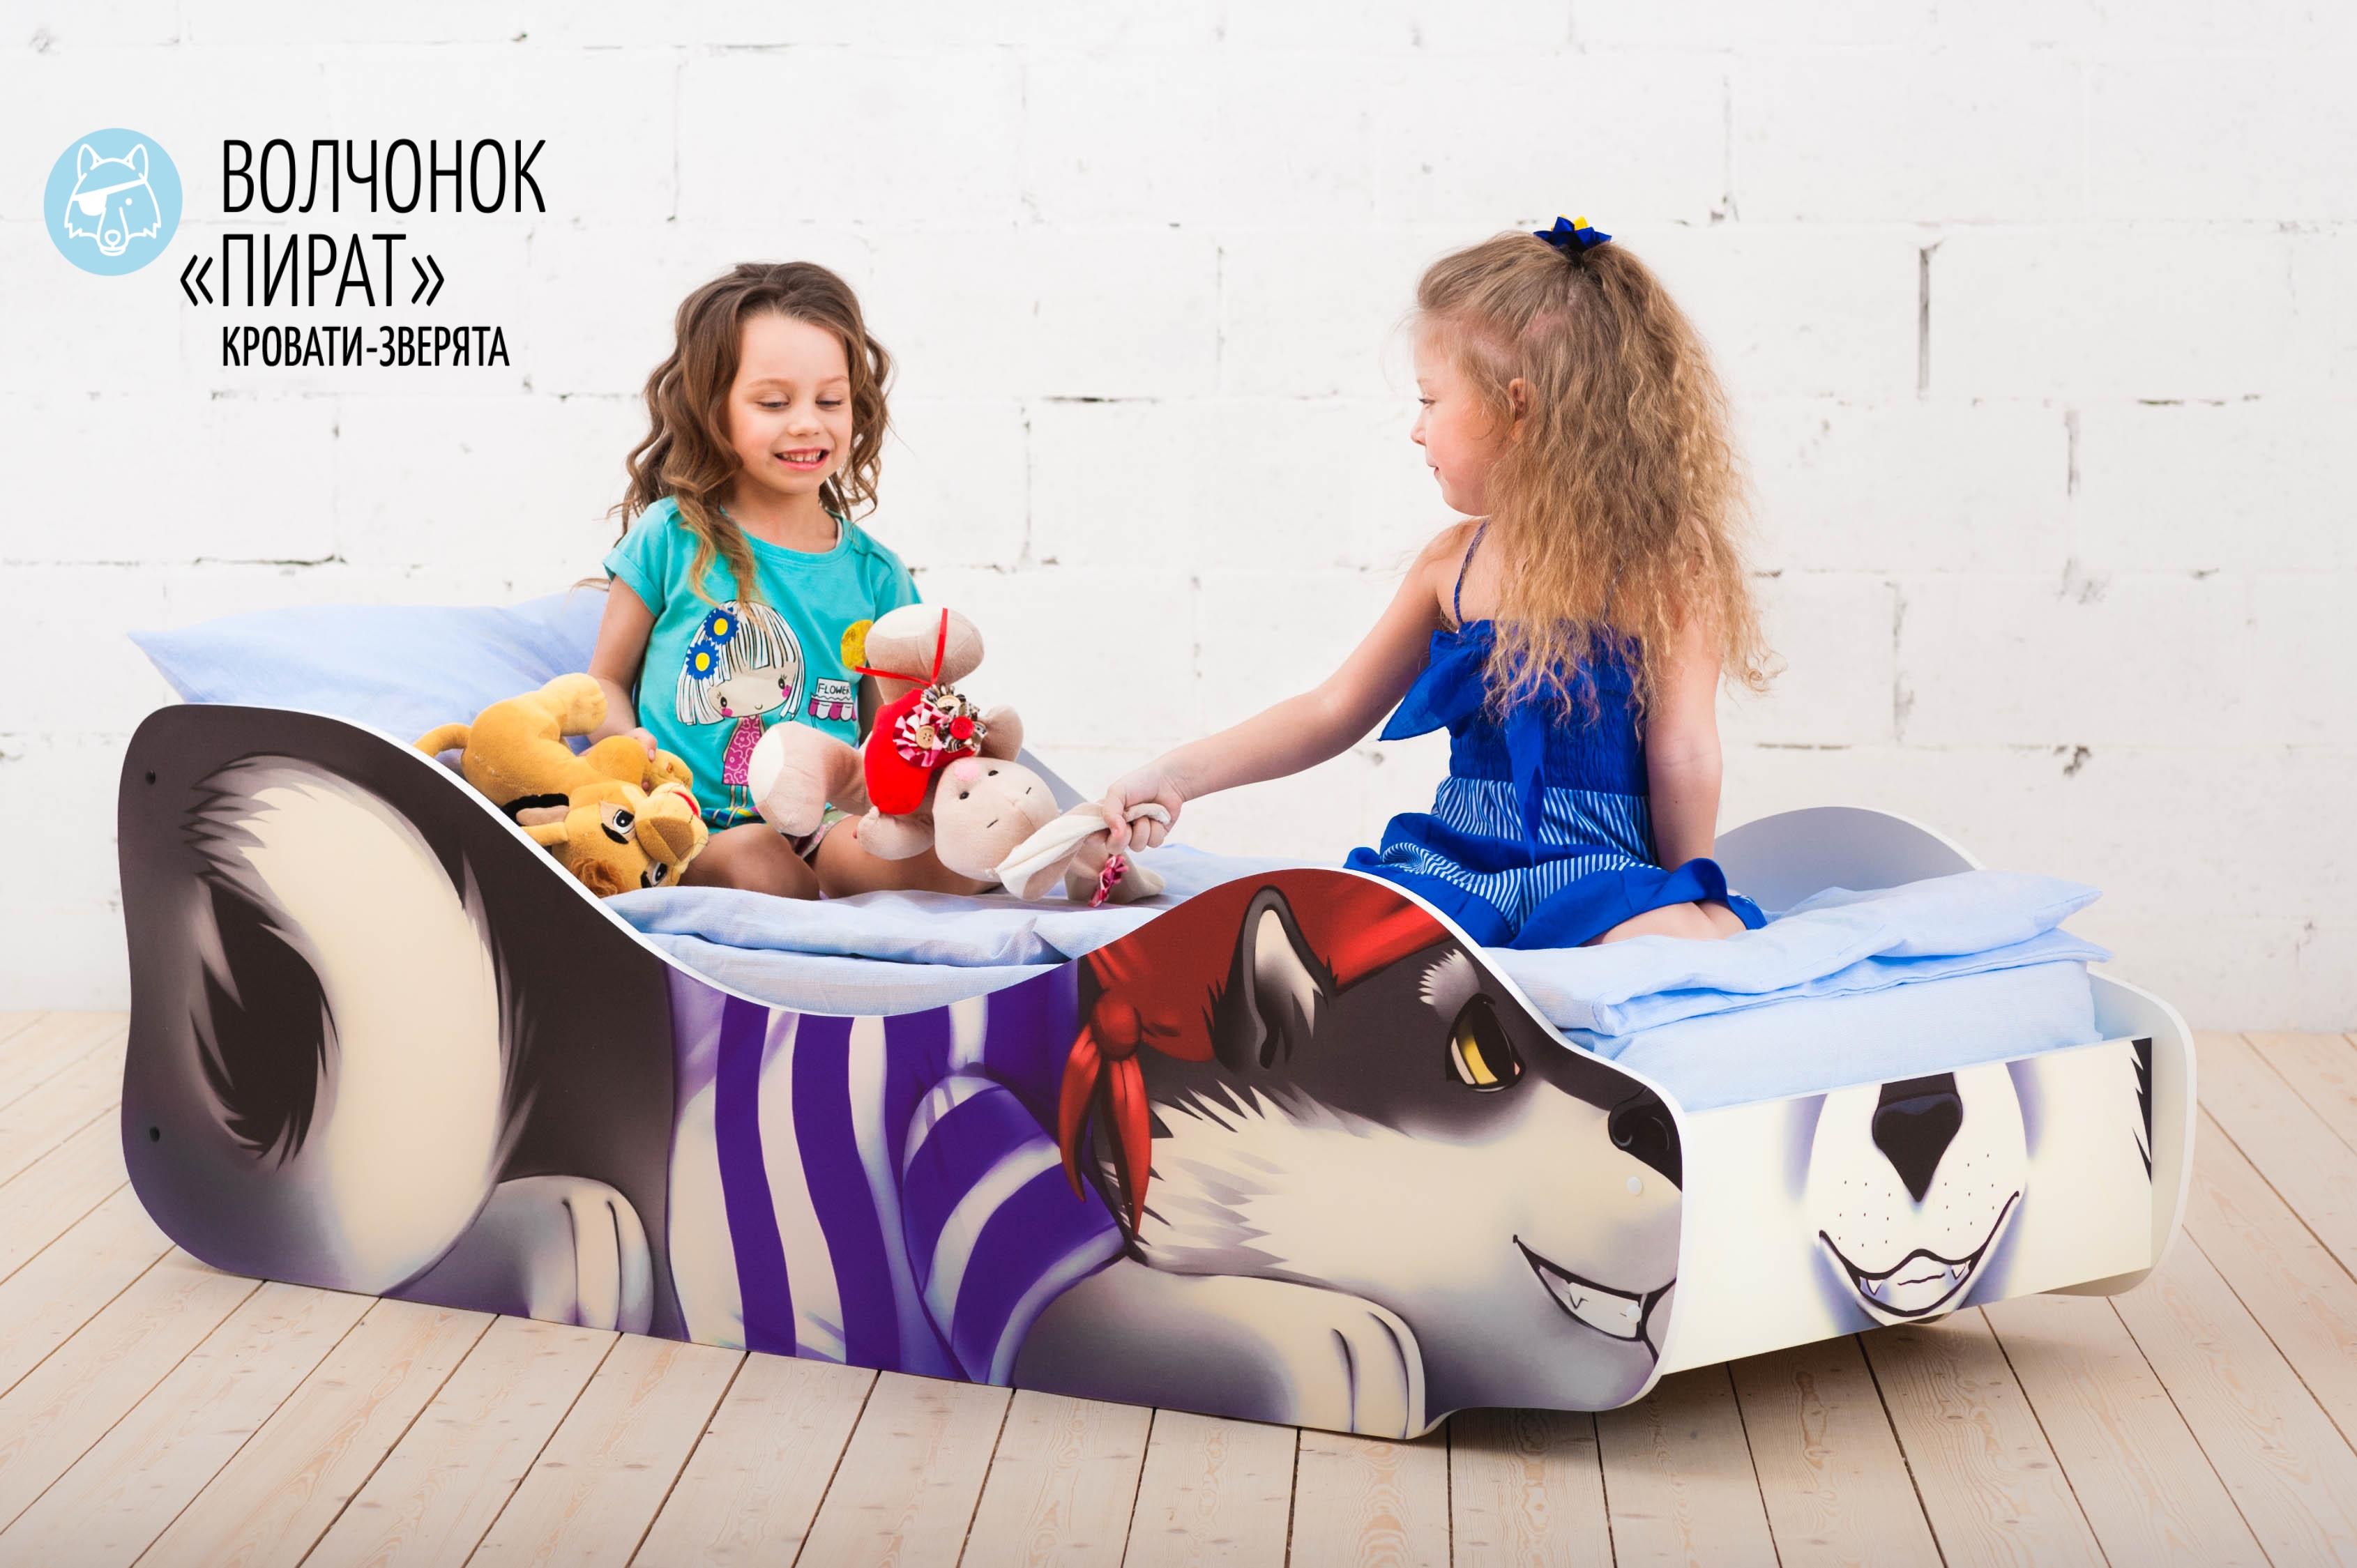 Детская кровать-зверенок -Волчонок-Пират-2